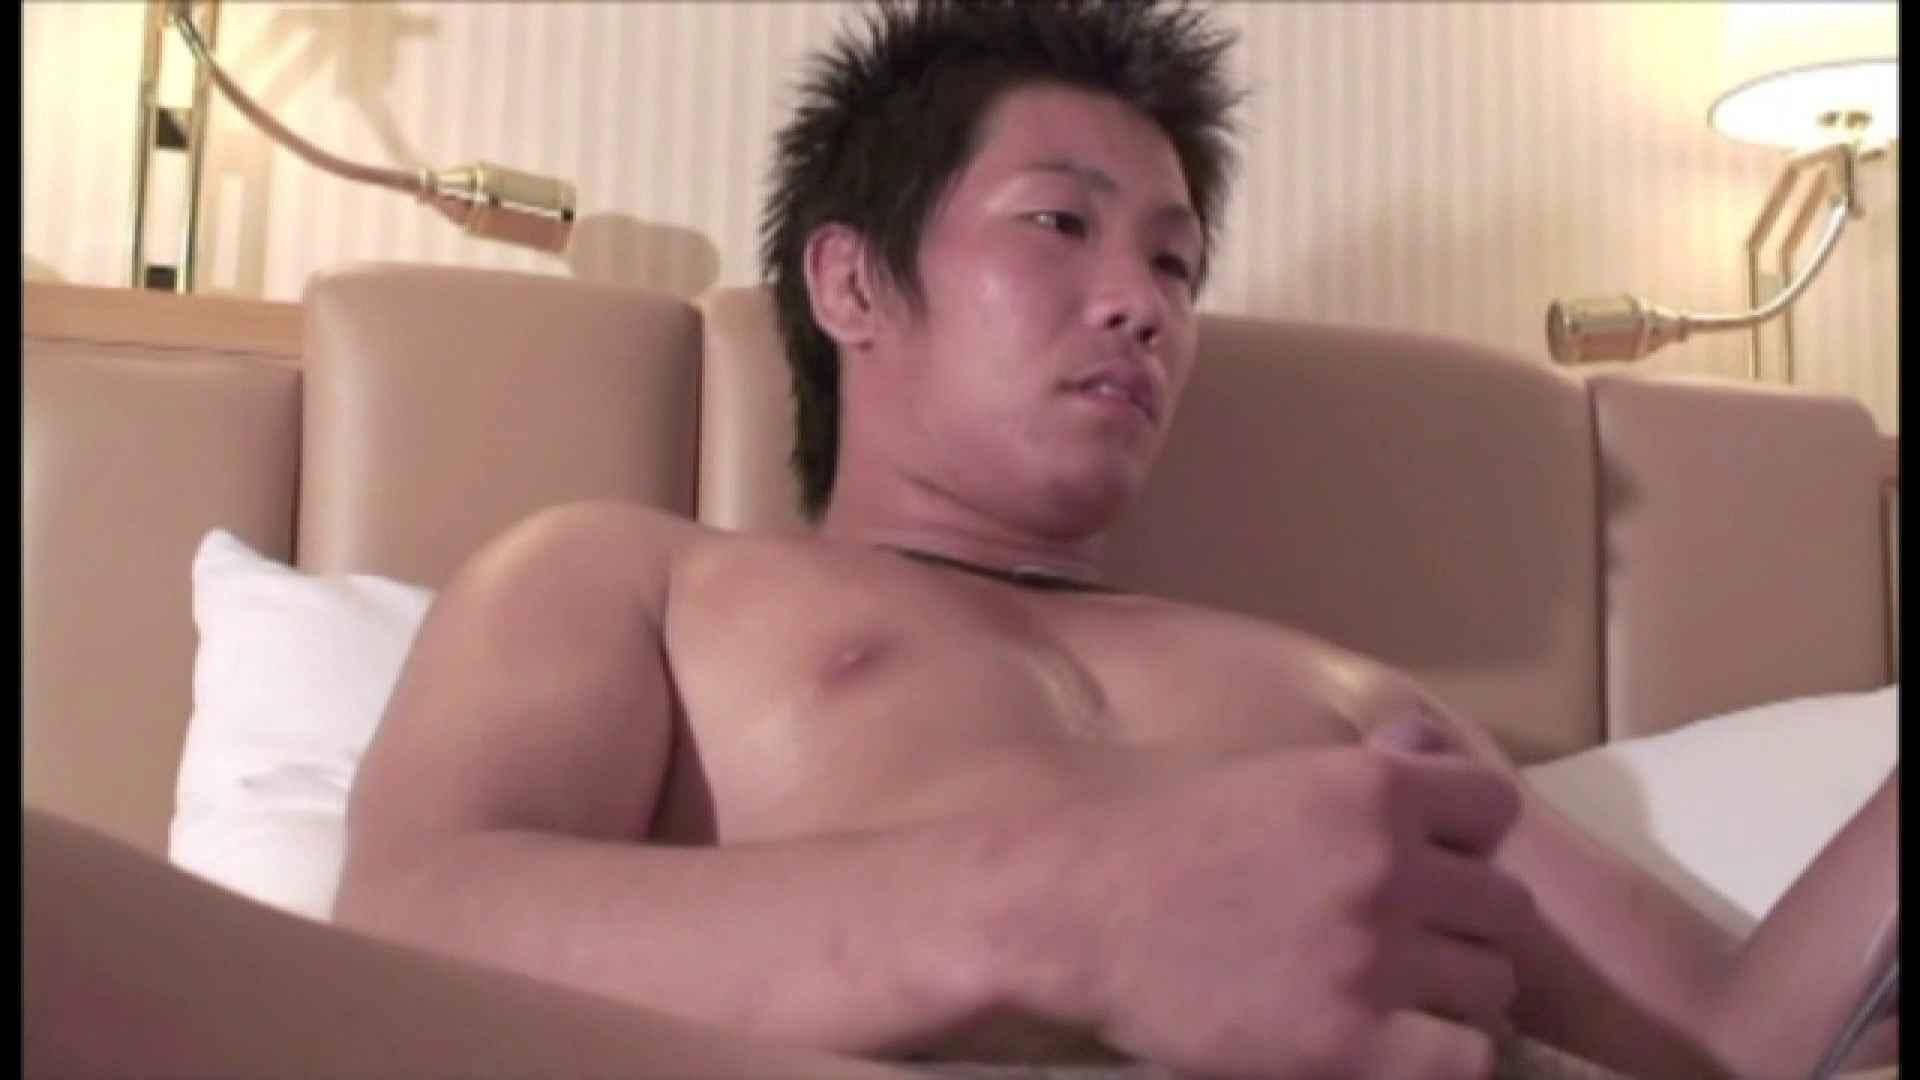 ノンケイケメンの欲望と肉棒 Vol.25 ノンケのオナニー ゲイえろ動画紹介 40連発 37